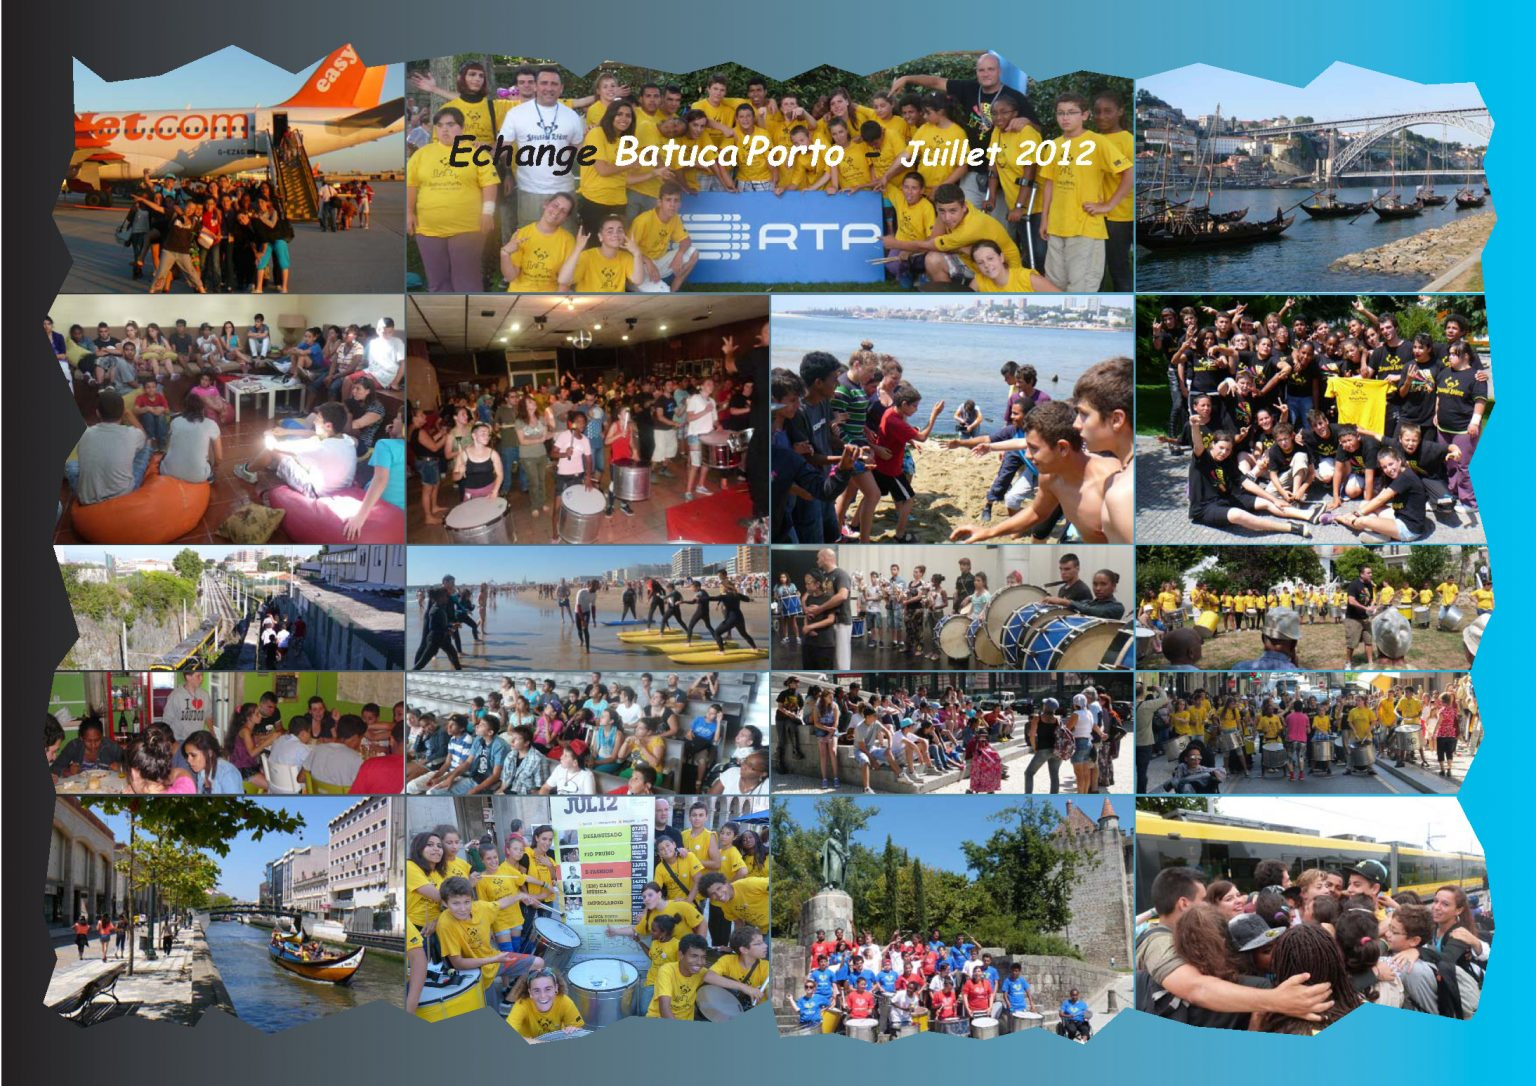 BatukaVI - Panneau Photos 2012-07 Echange Batuca'Porto (Réduit)